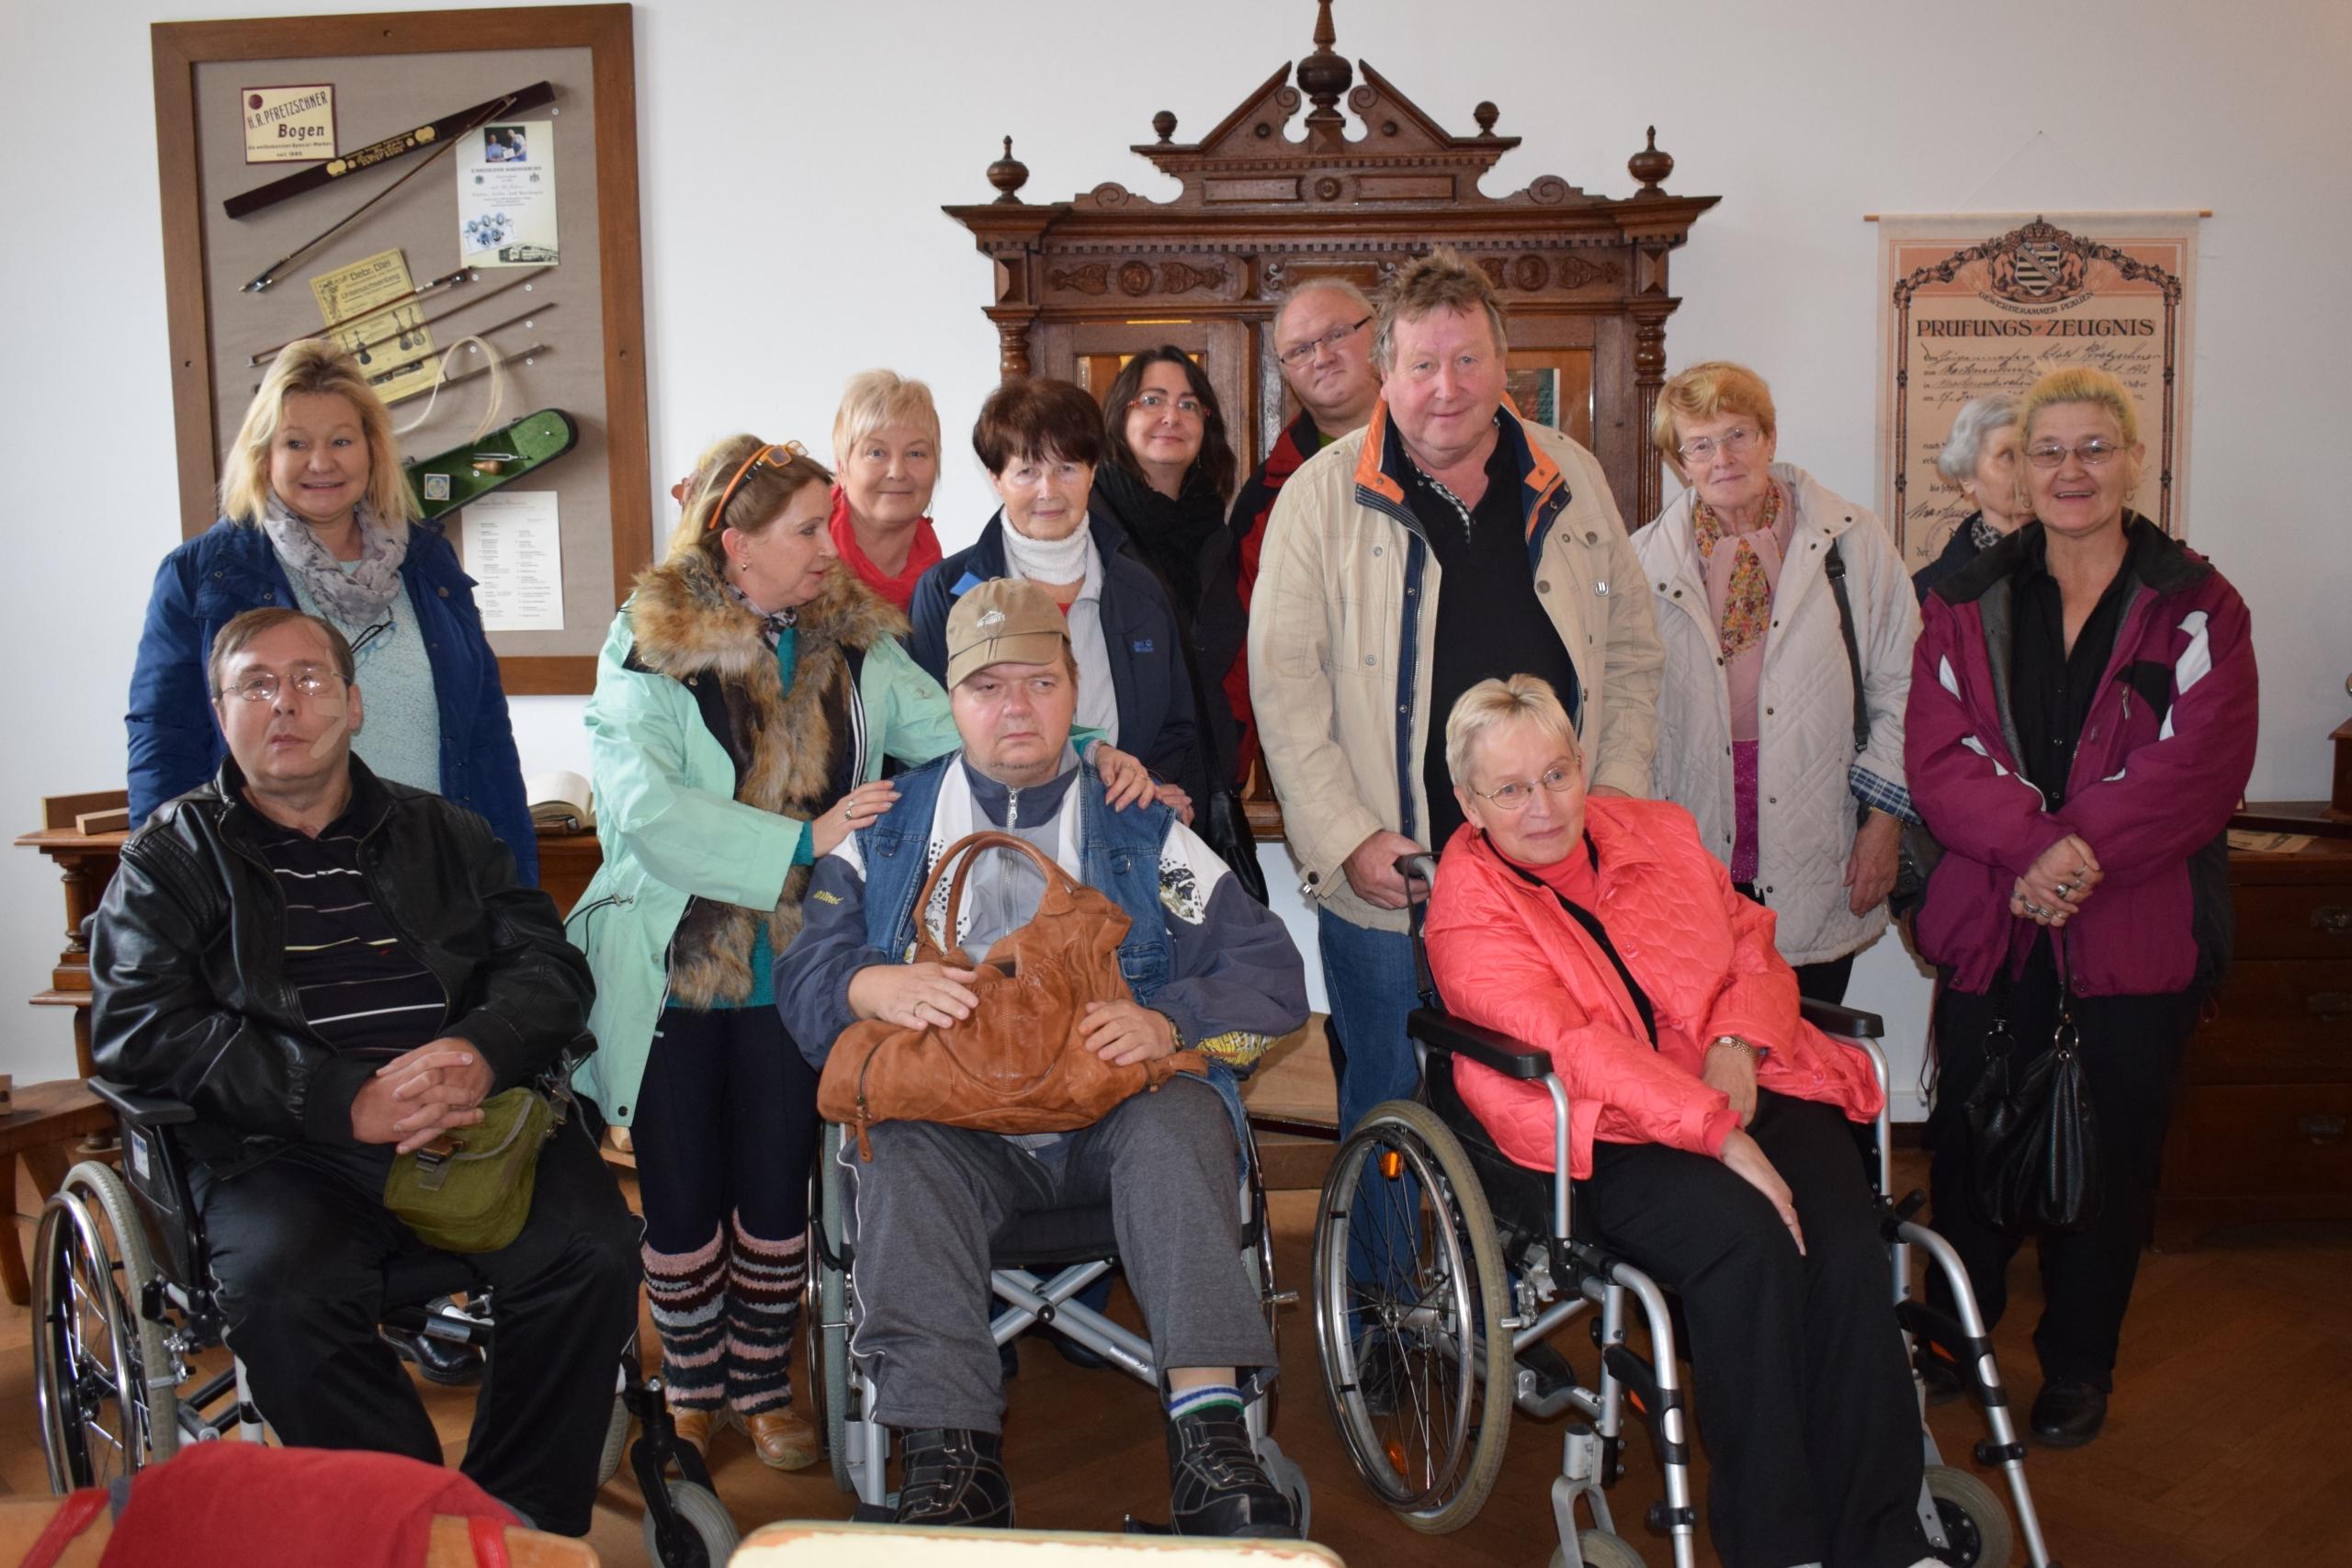 Teilnehmer der Selbsthilfegruppe Plauen in einem Museum in Markneukirchen